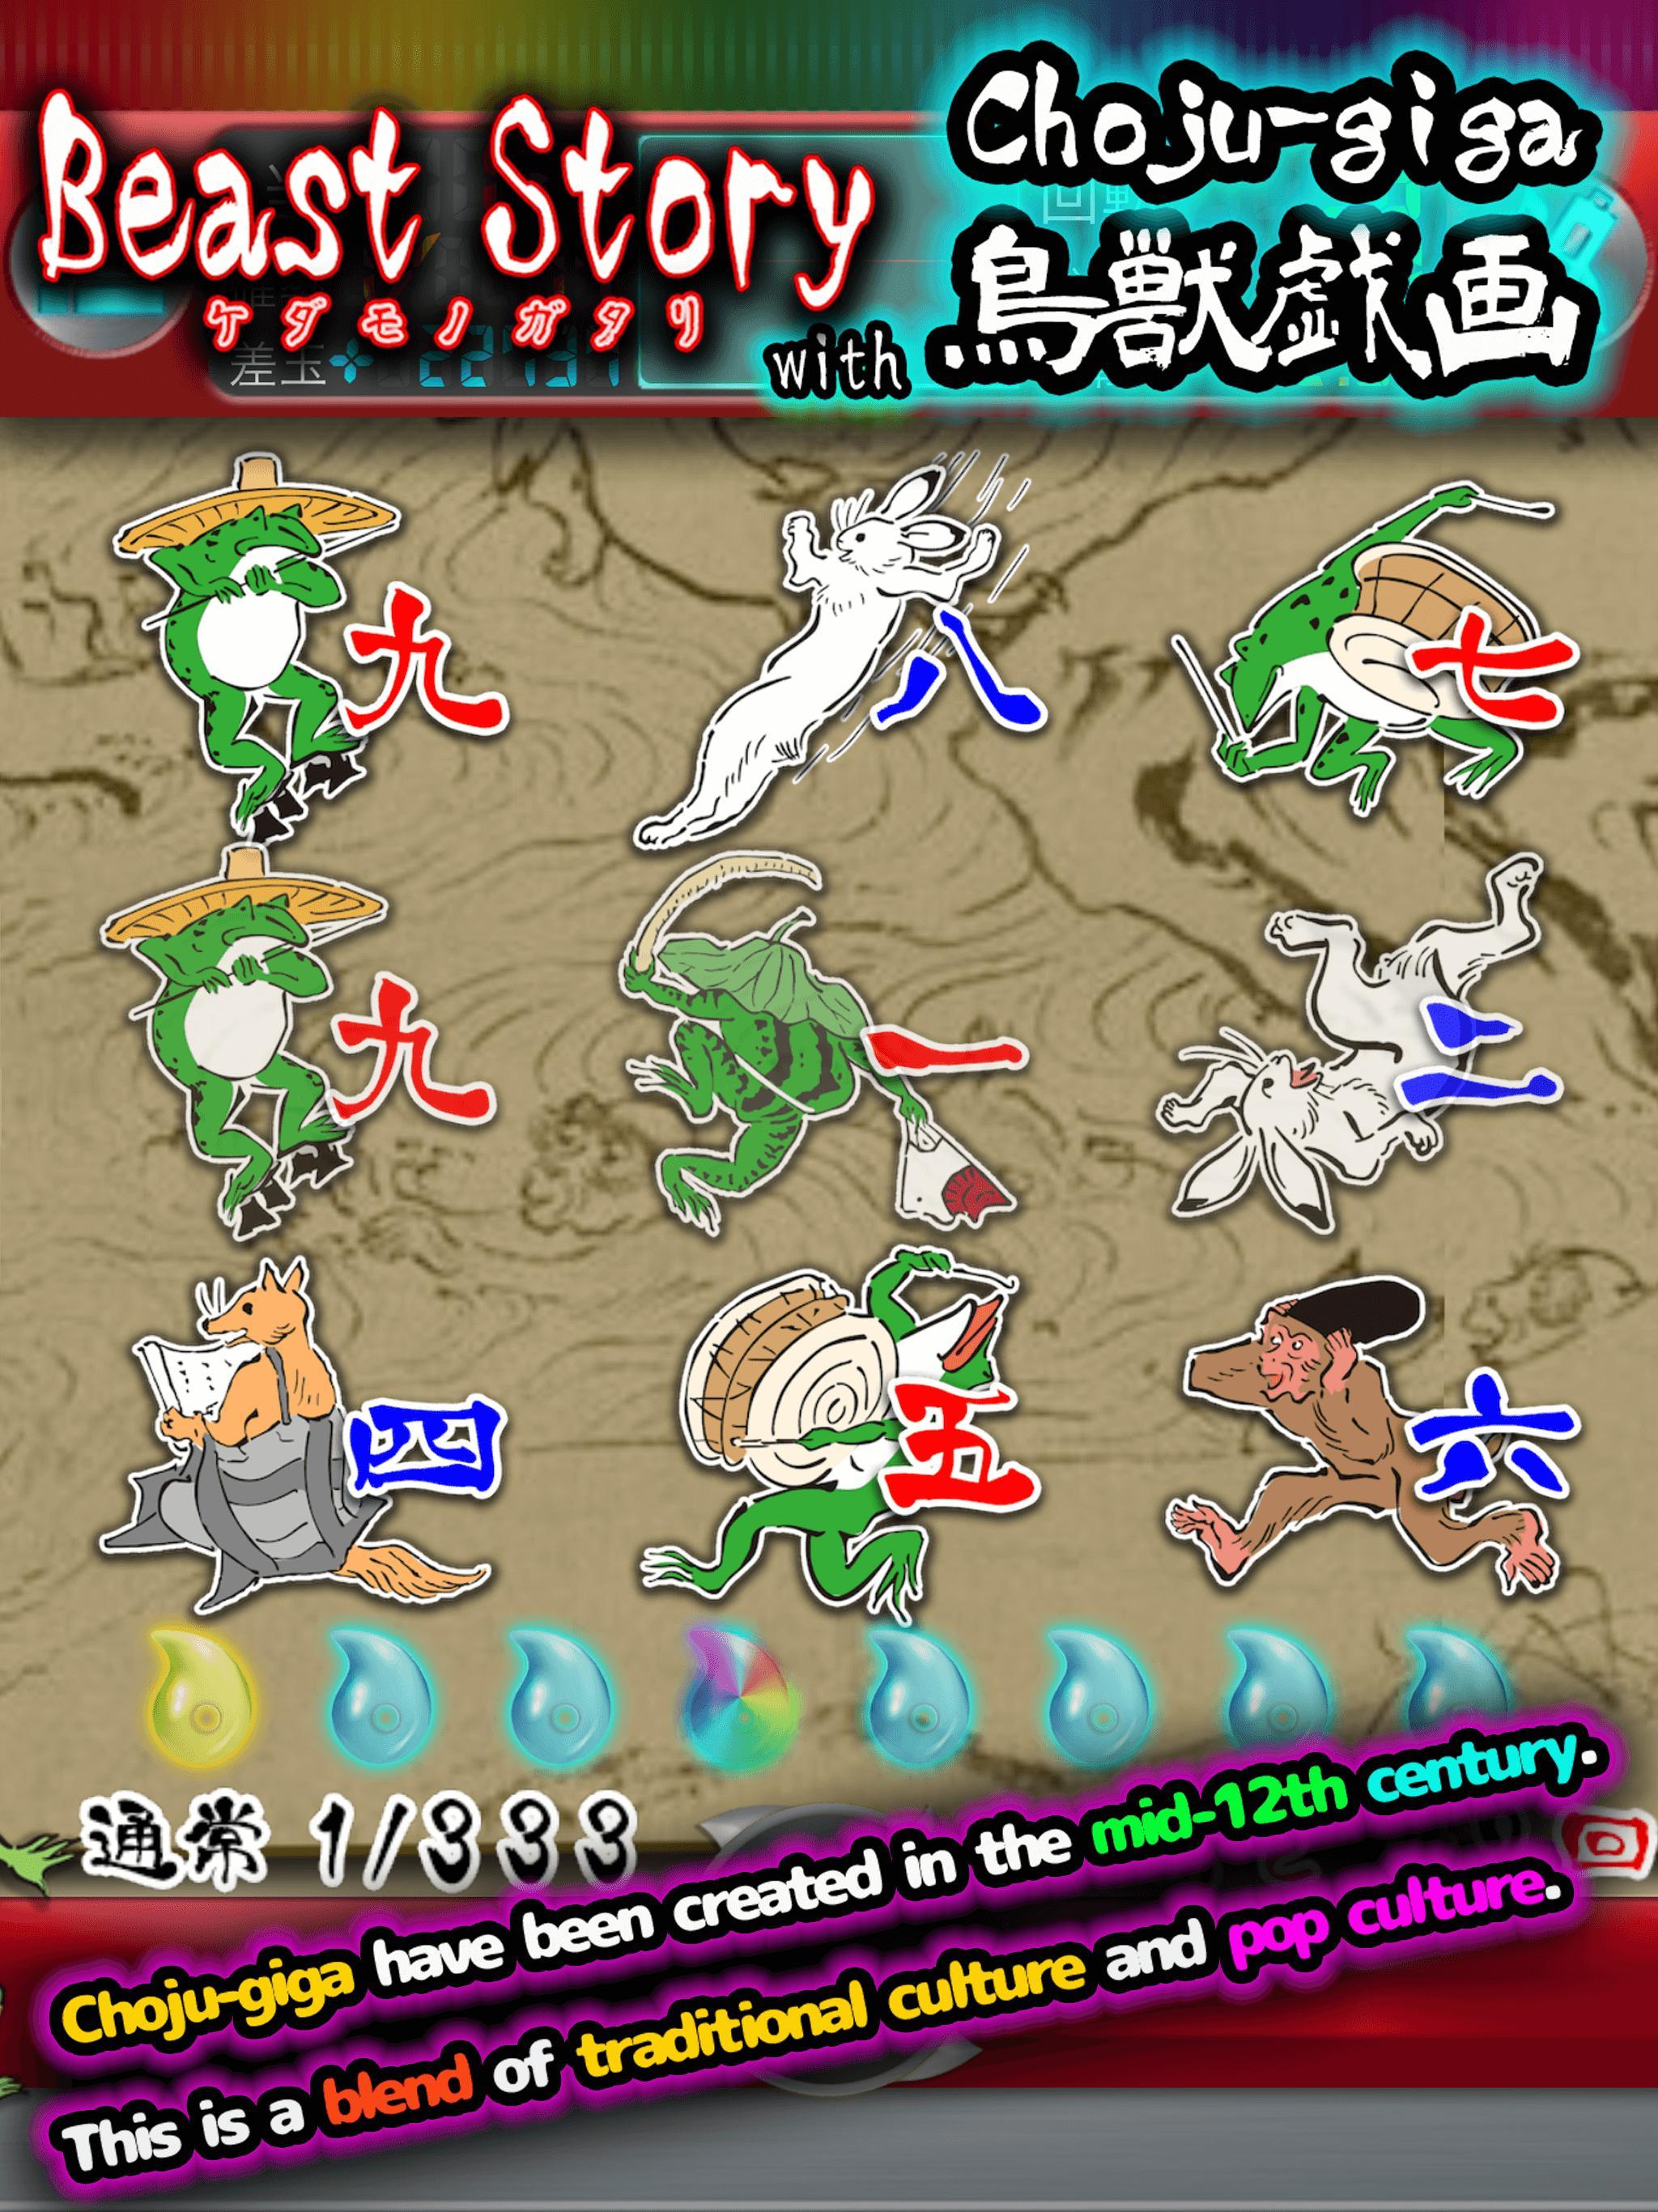 Beast Story Pachinko Slot Game 1.0.1 Screenshot 13